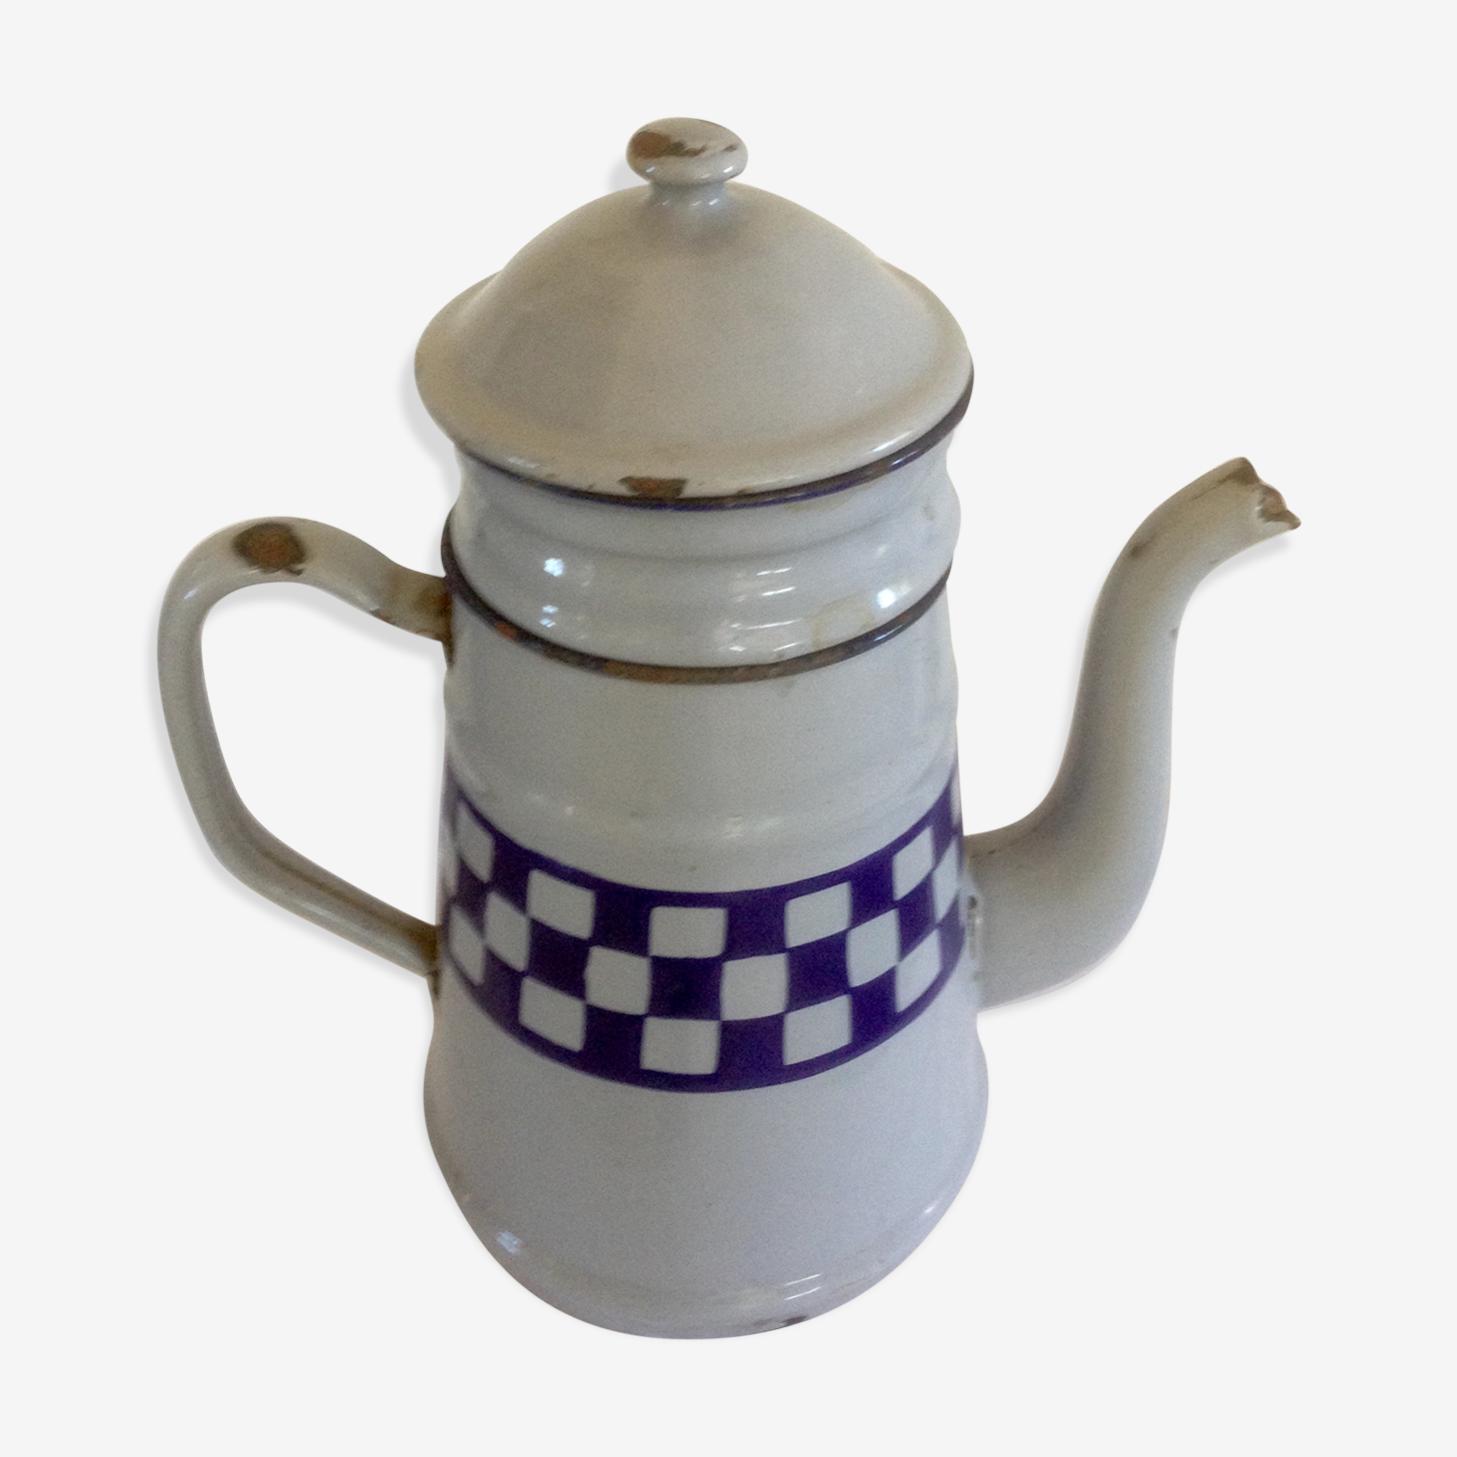 Cafetière vintage en tôle émaillée grise